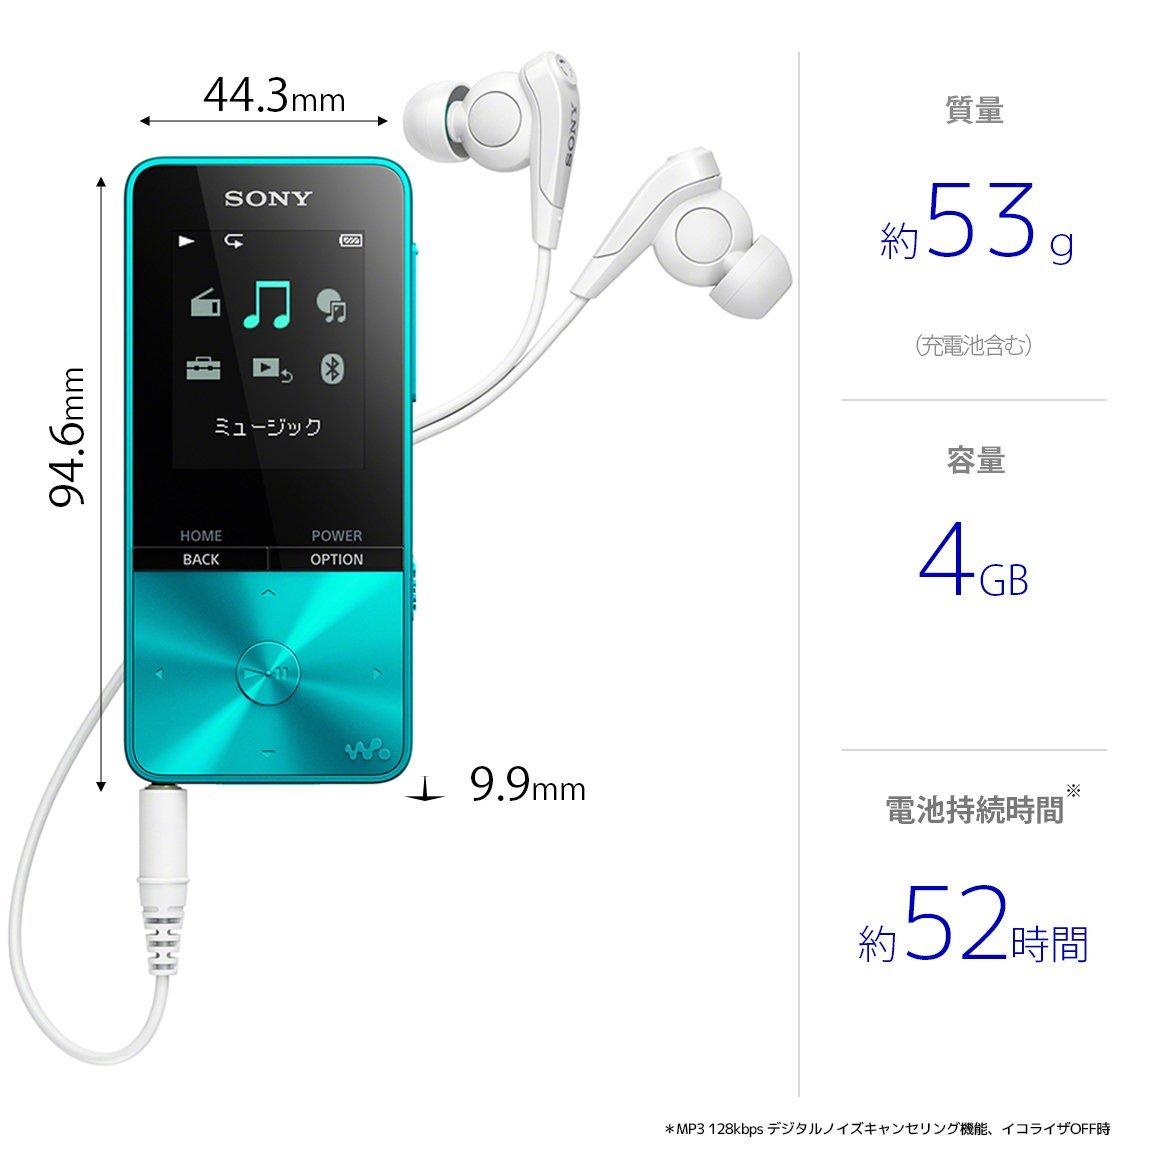 (納期目安2-3週間~)SONY NW-S313K-L ブルー 4GB ソニー ウォークマン イヤホン/スピーカー付属 Bluetooth対応 [NWS313KL]